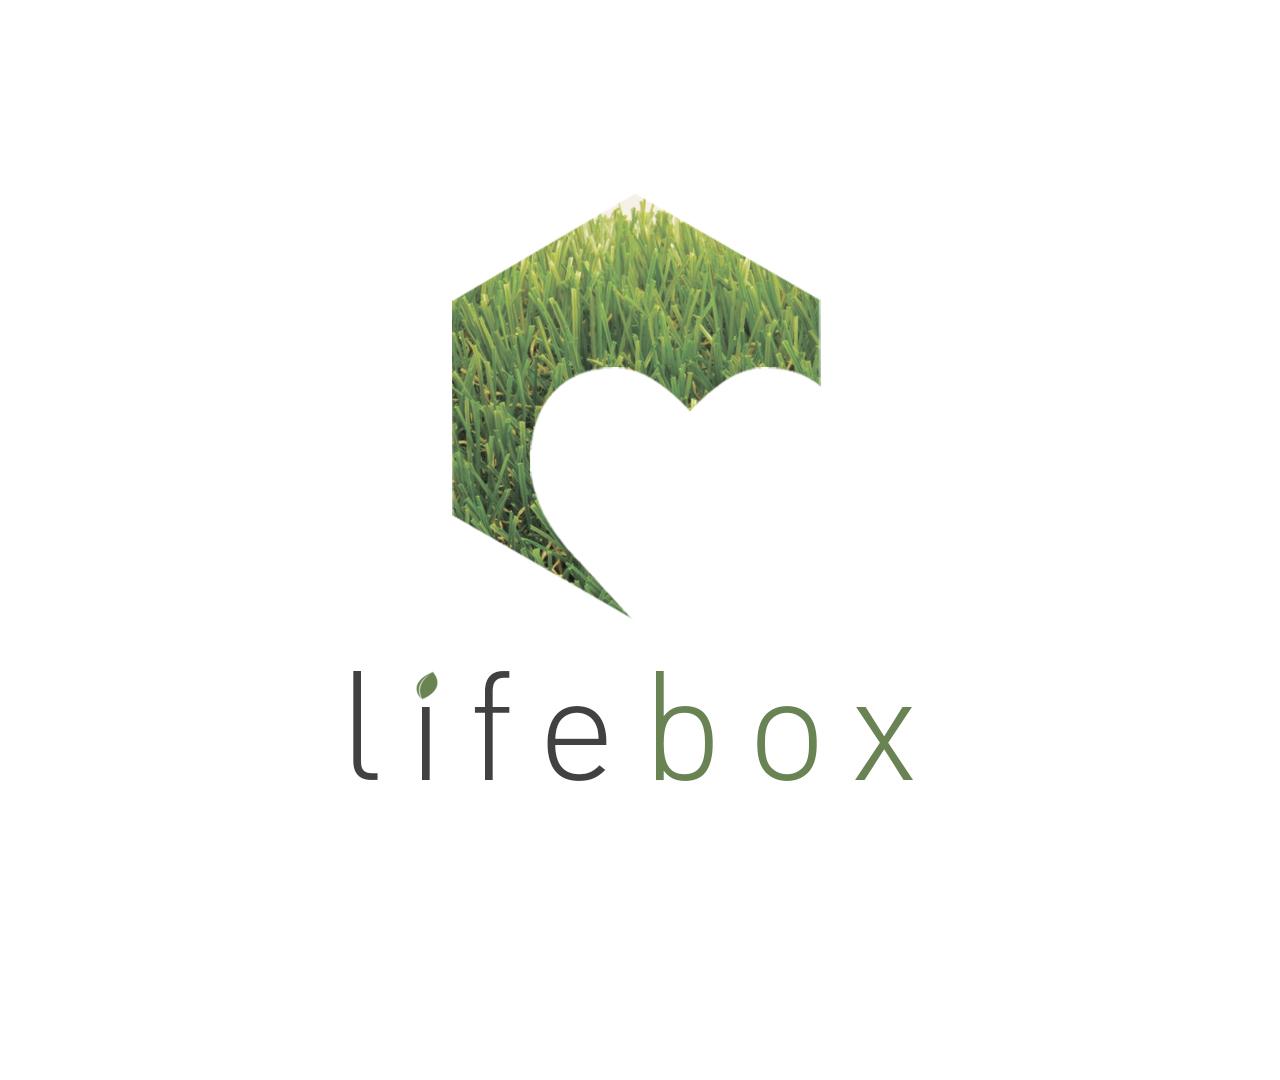 Разработка Логотипа. Победитель получит расширеный заказ  фото f_2185c3a82d5d24a8.jpg